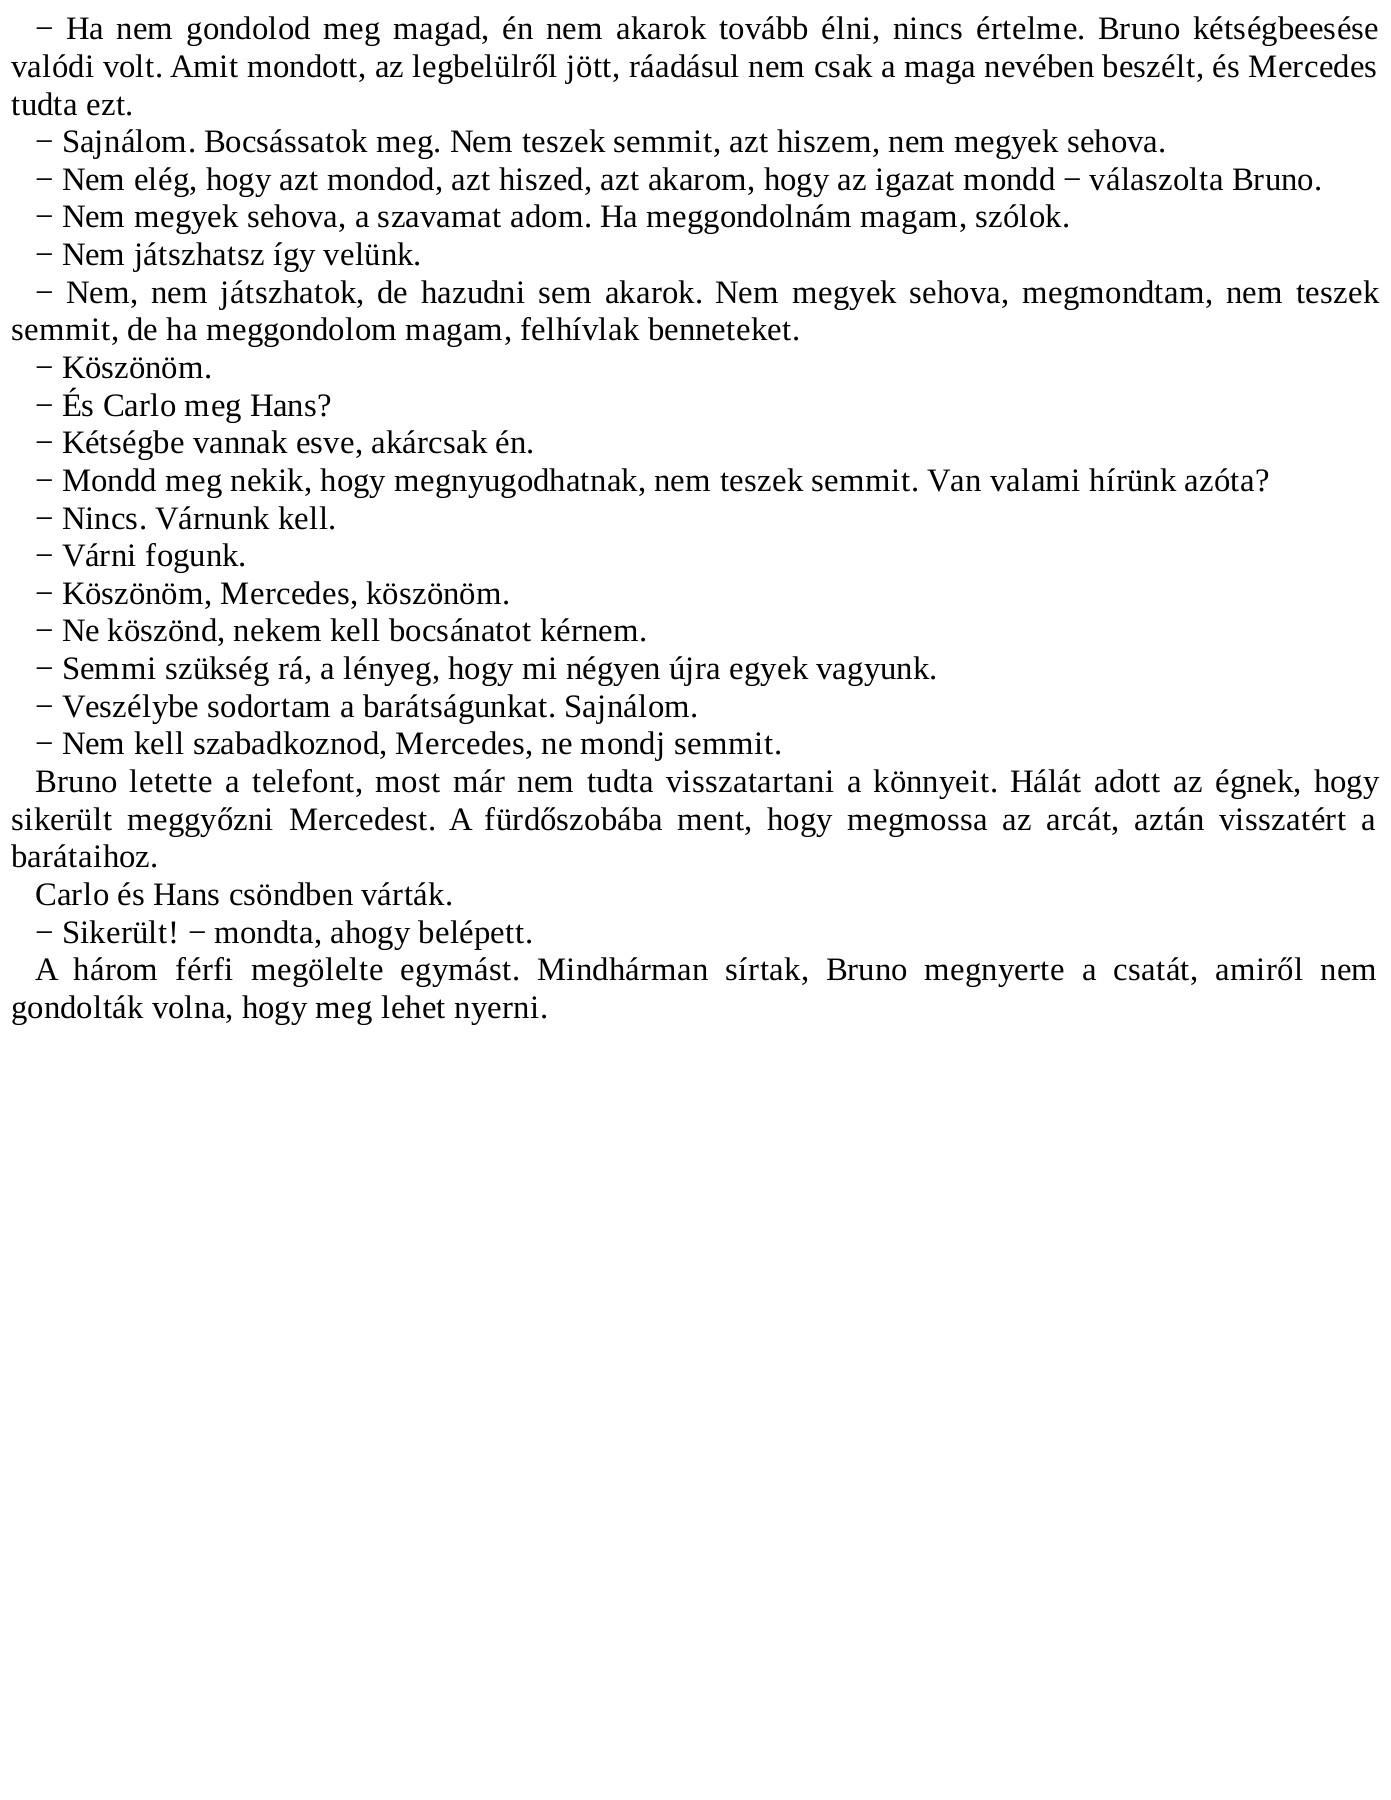 A helminthiasisban szenvedő gyermekek tünetei - gvk-egyesulet.hu